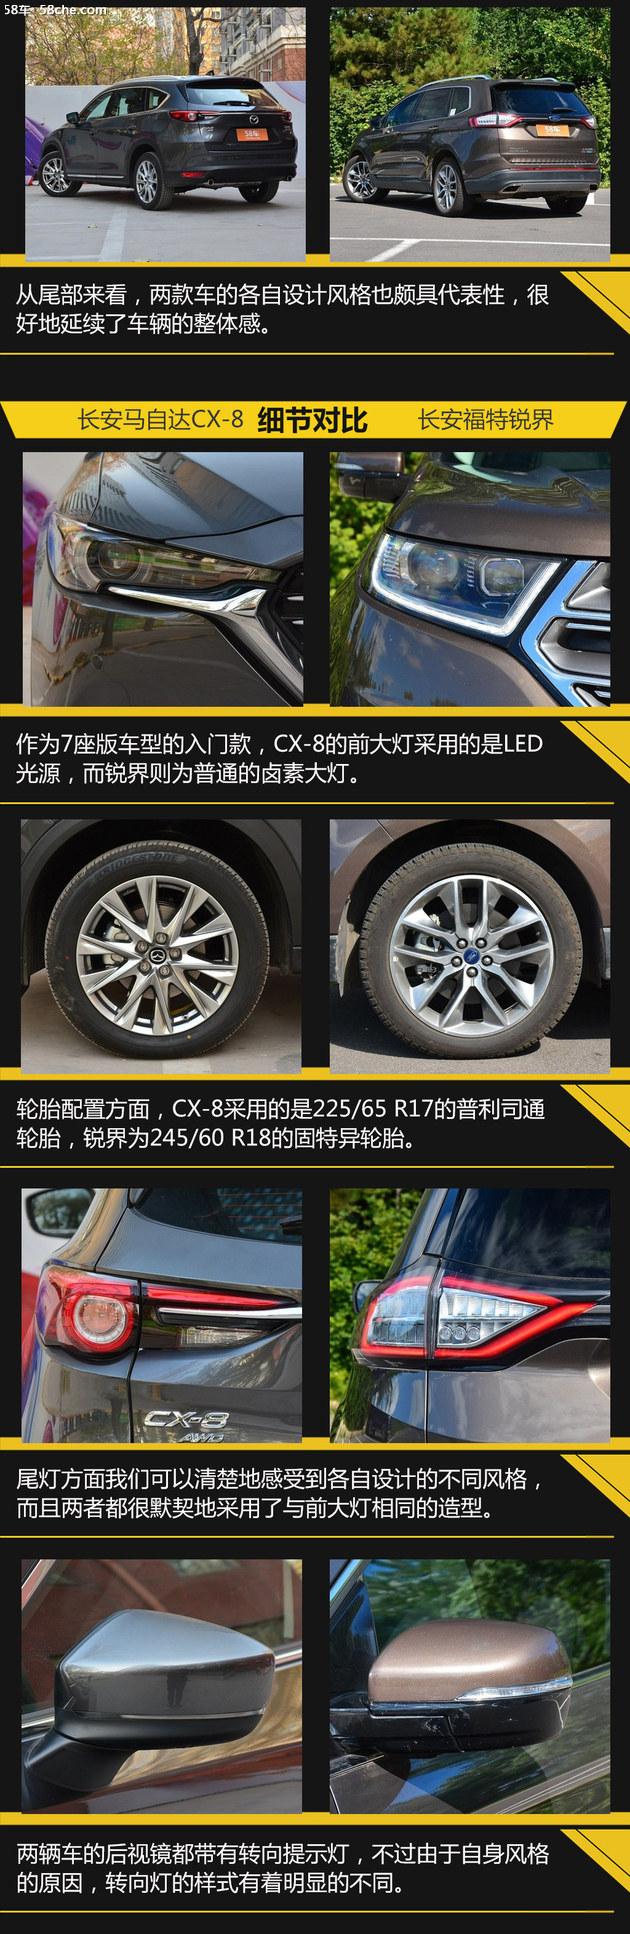 马自达CX-8过招福特锐界 实用主义的pk